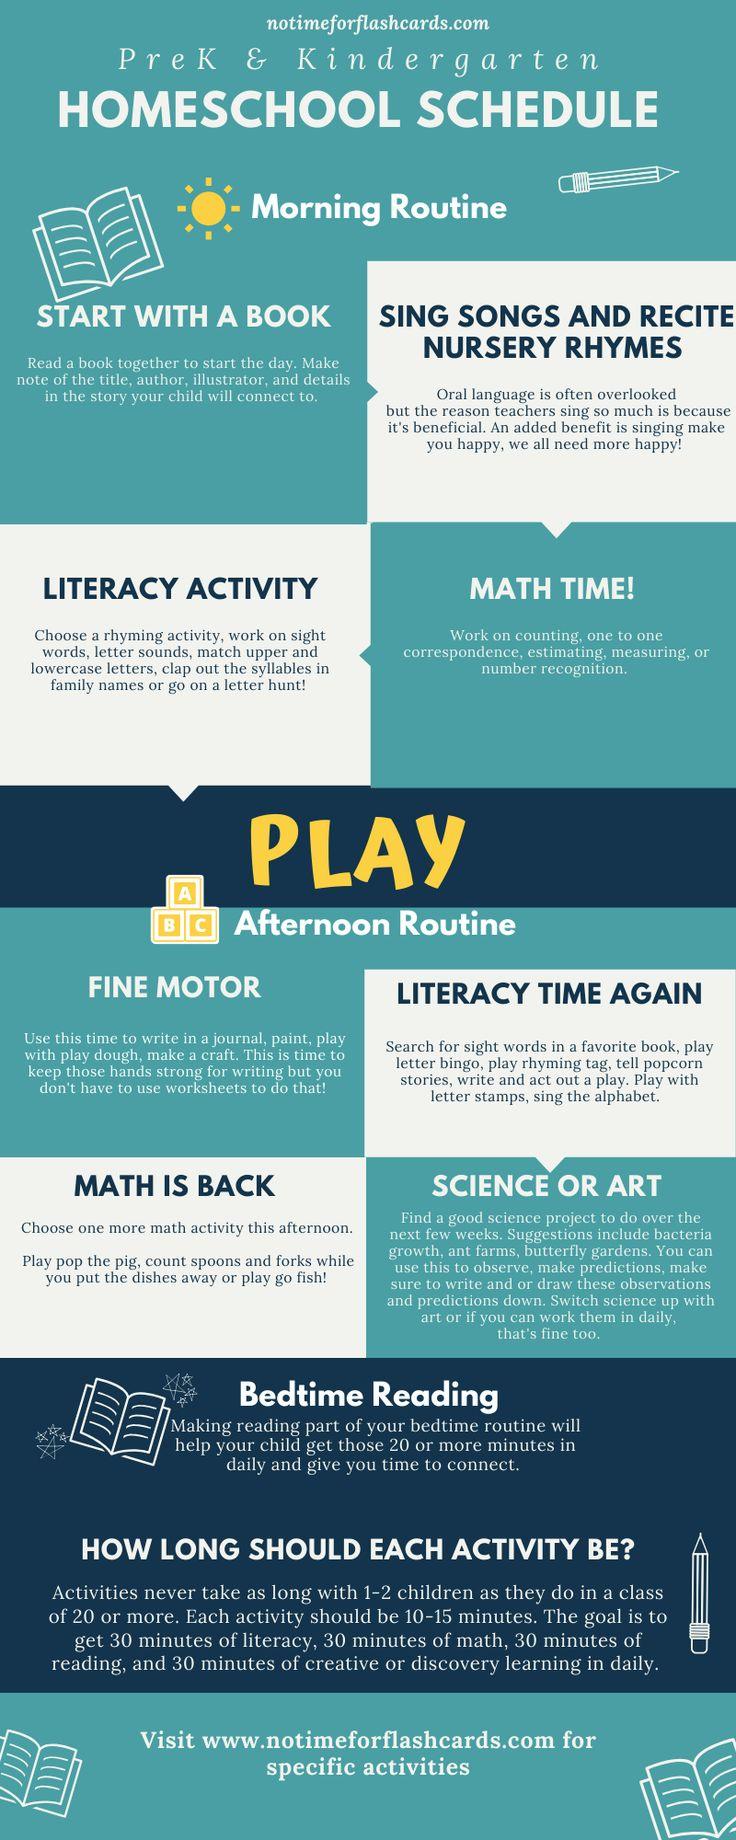 Homeschool Schedule for Kindergarten and PreK NTFFC